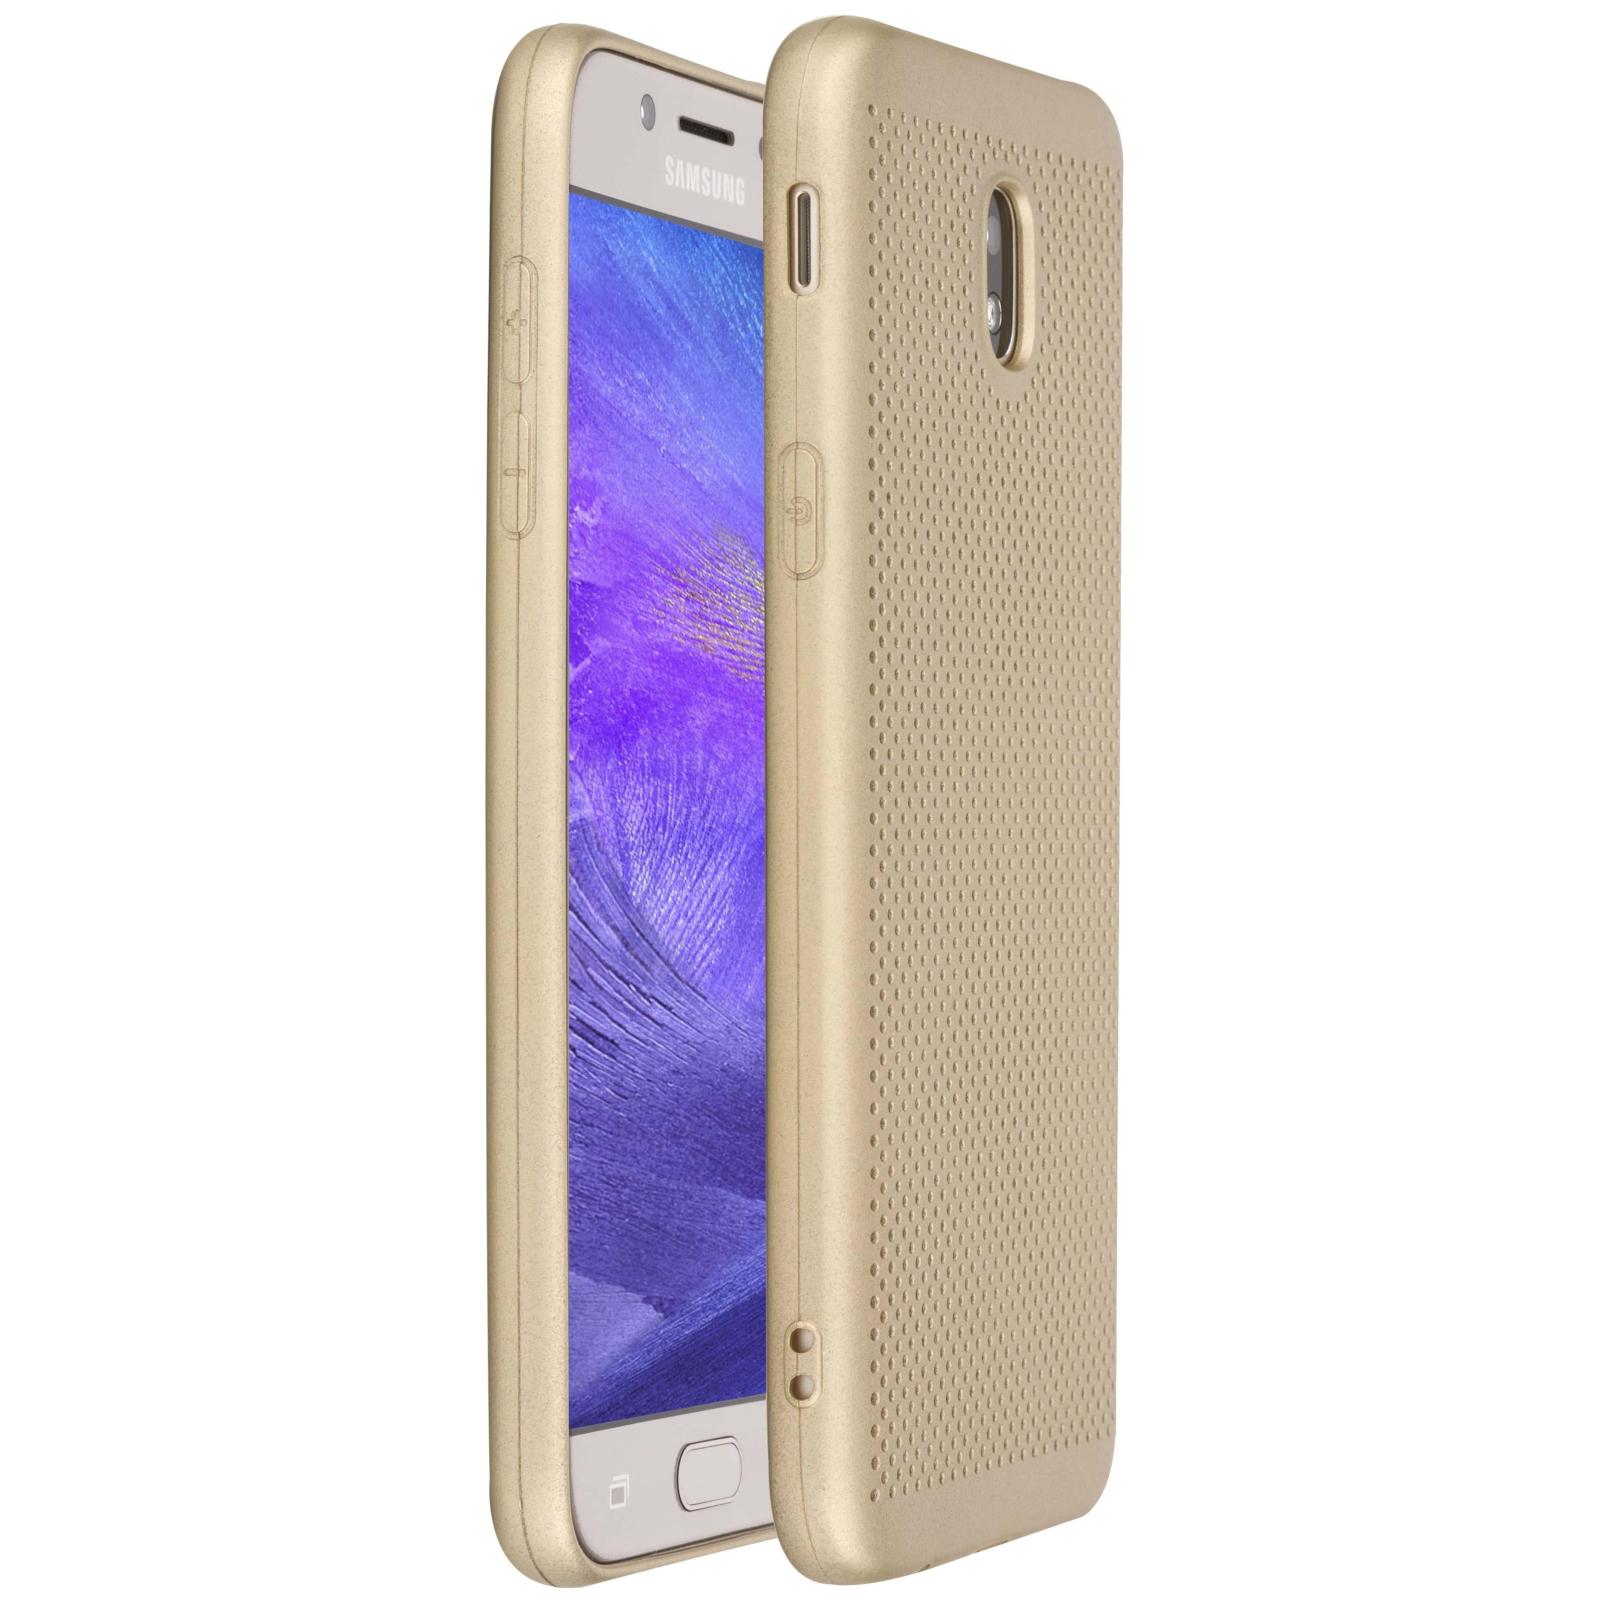 Чехол для моб. телефона MakeFuture Moon Case (TPU) для Samsung J5 2017 (J530) Gold (MCM-SJ530GD) изображение 2